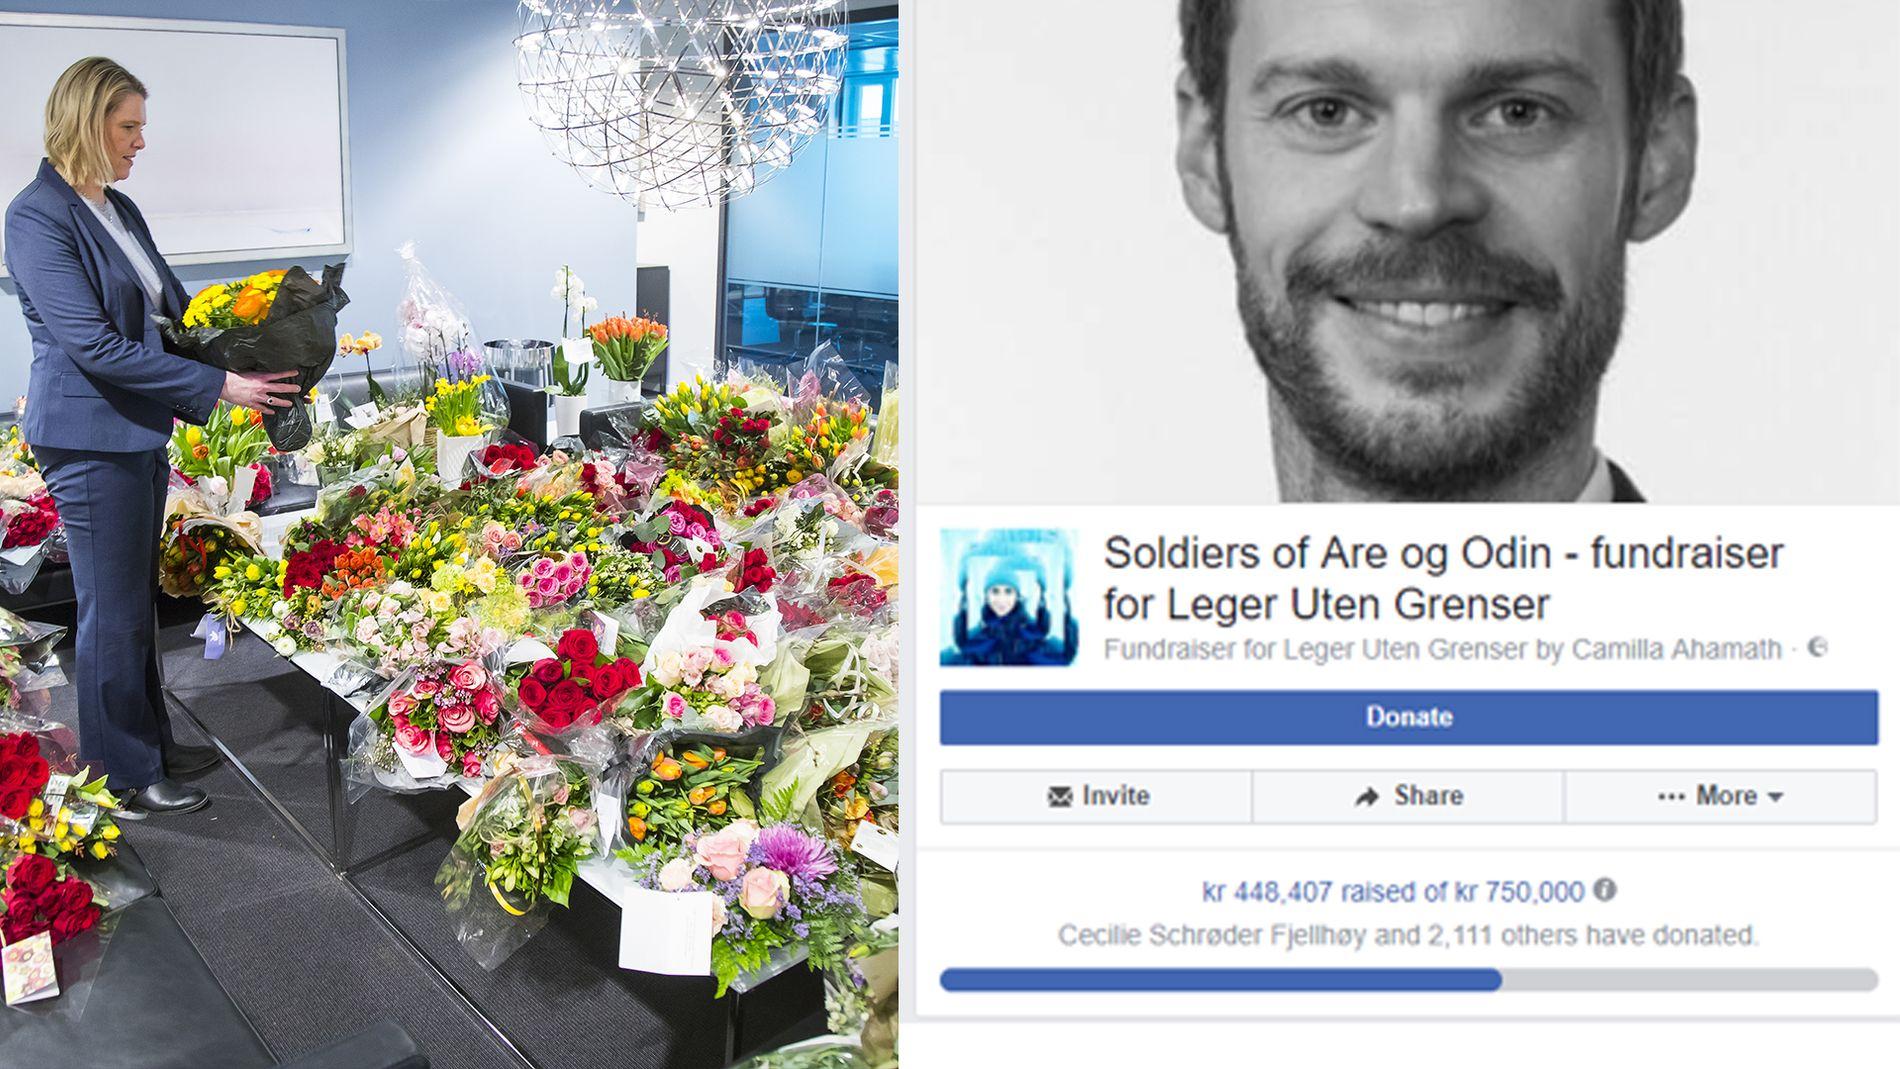 MOTAKSJON: Den nye Facebook-aksjonen har engasjert mange. Pengene skal gå til Leger Uten Grenser, opplyser intiativtaker Camilla Ahamath.